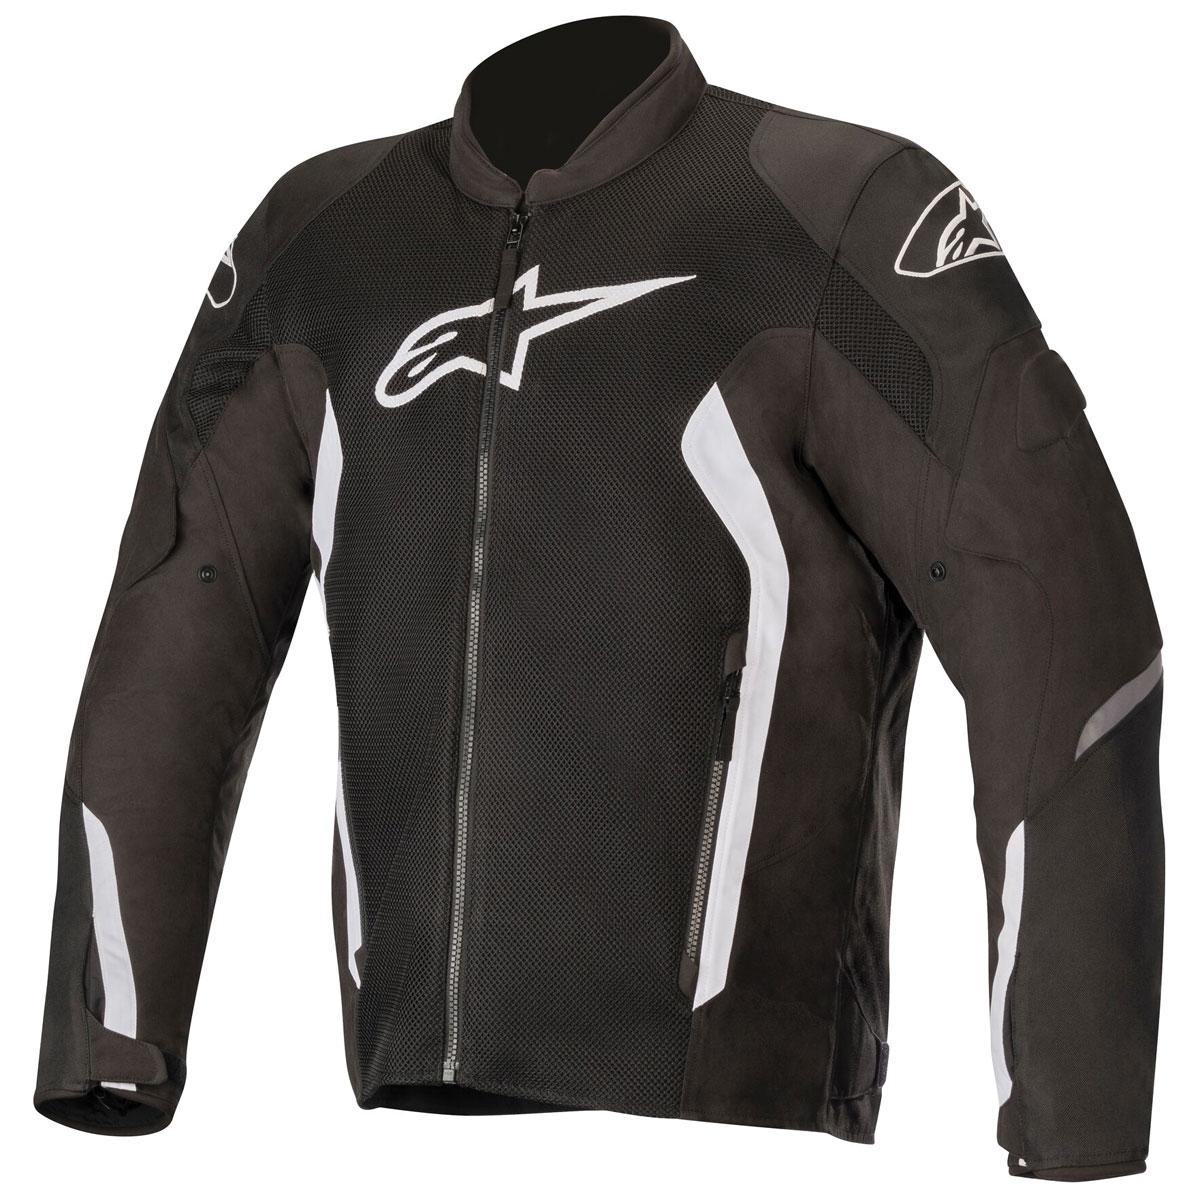 Alpinestars Men's Viper v2 Air Black/White Jacket